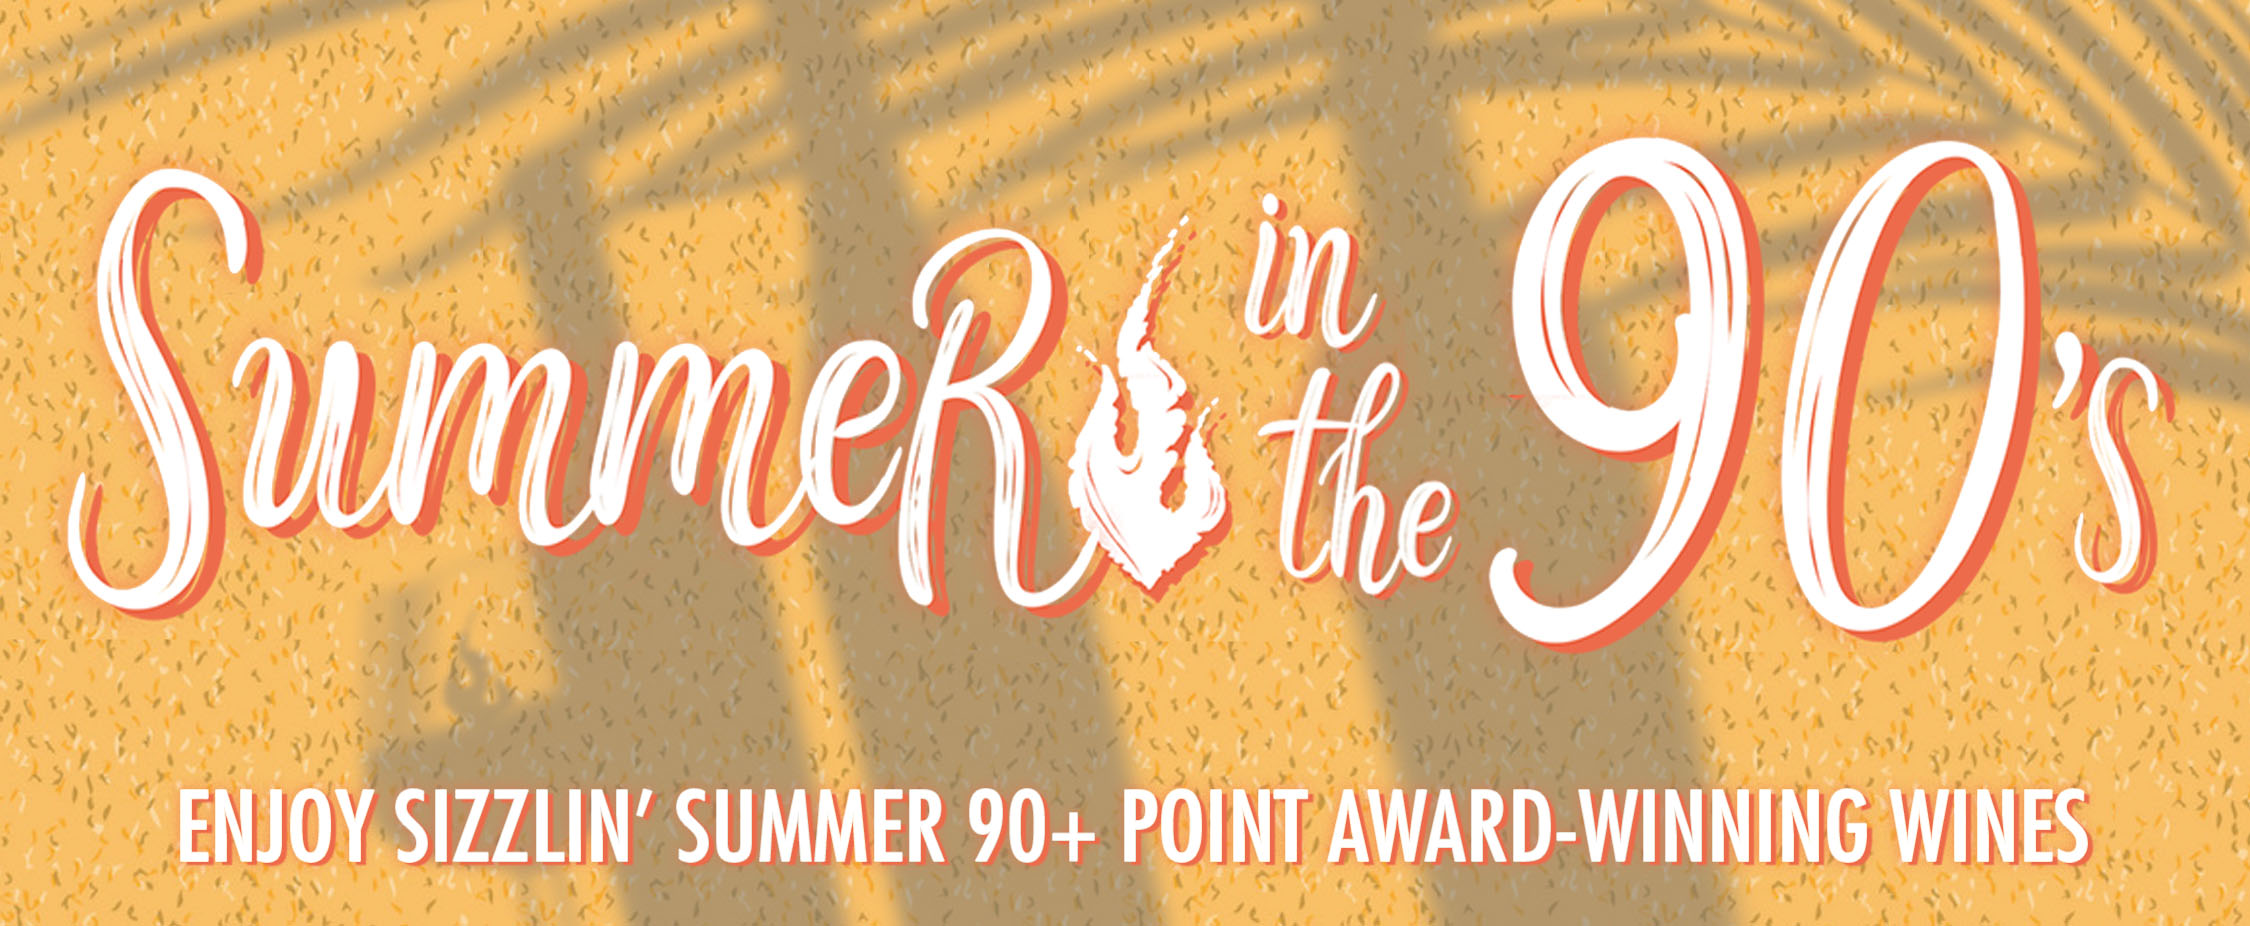 Summer in the nineties